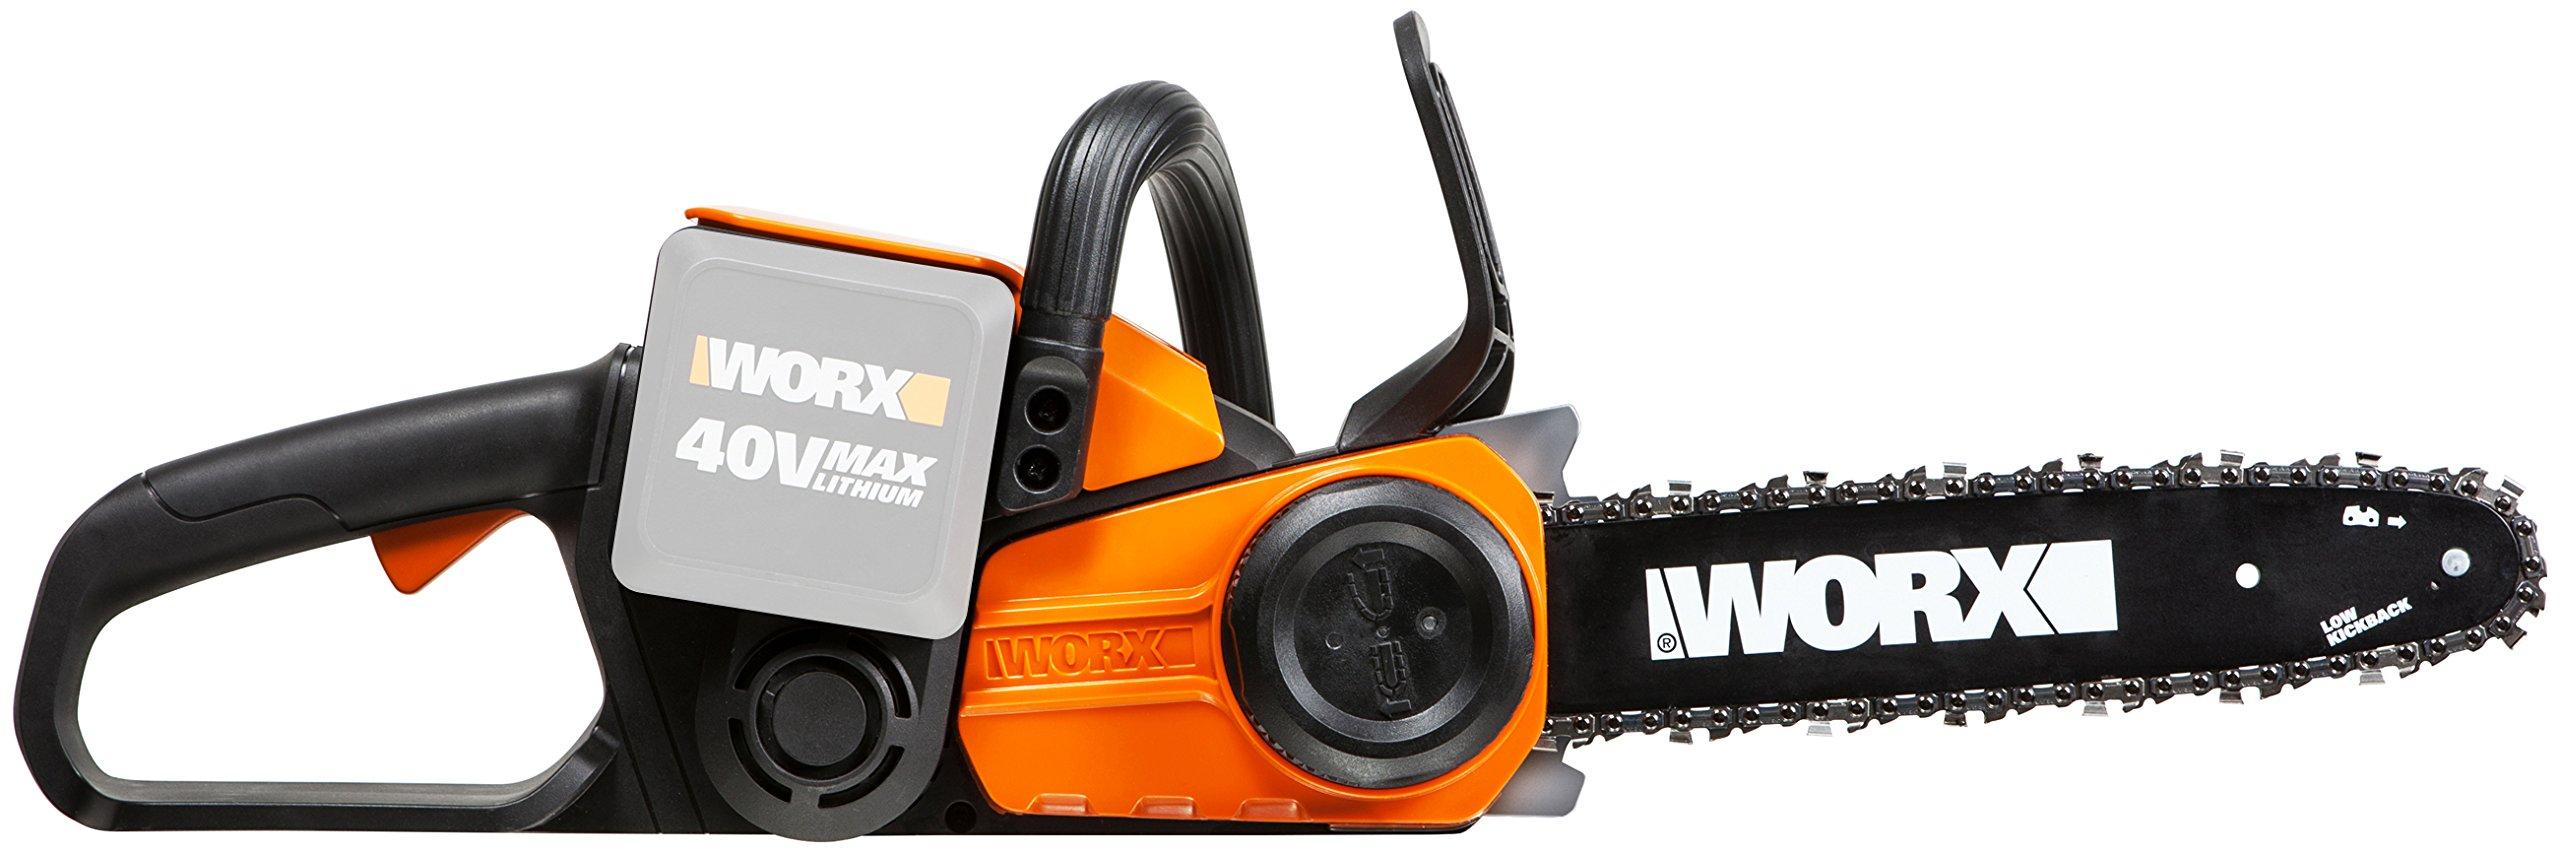 Worx-WG368E9-40V-Akku-Kettensge-30-cm-Schnittlnge-Kettenschmierung-Geschwindigkeit-38-ms-ohne-Akku-Ladegert-und-Zubehr